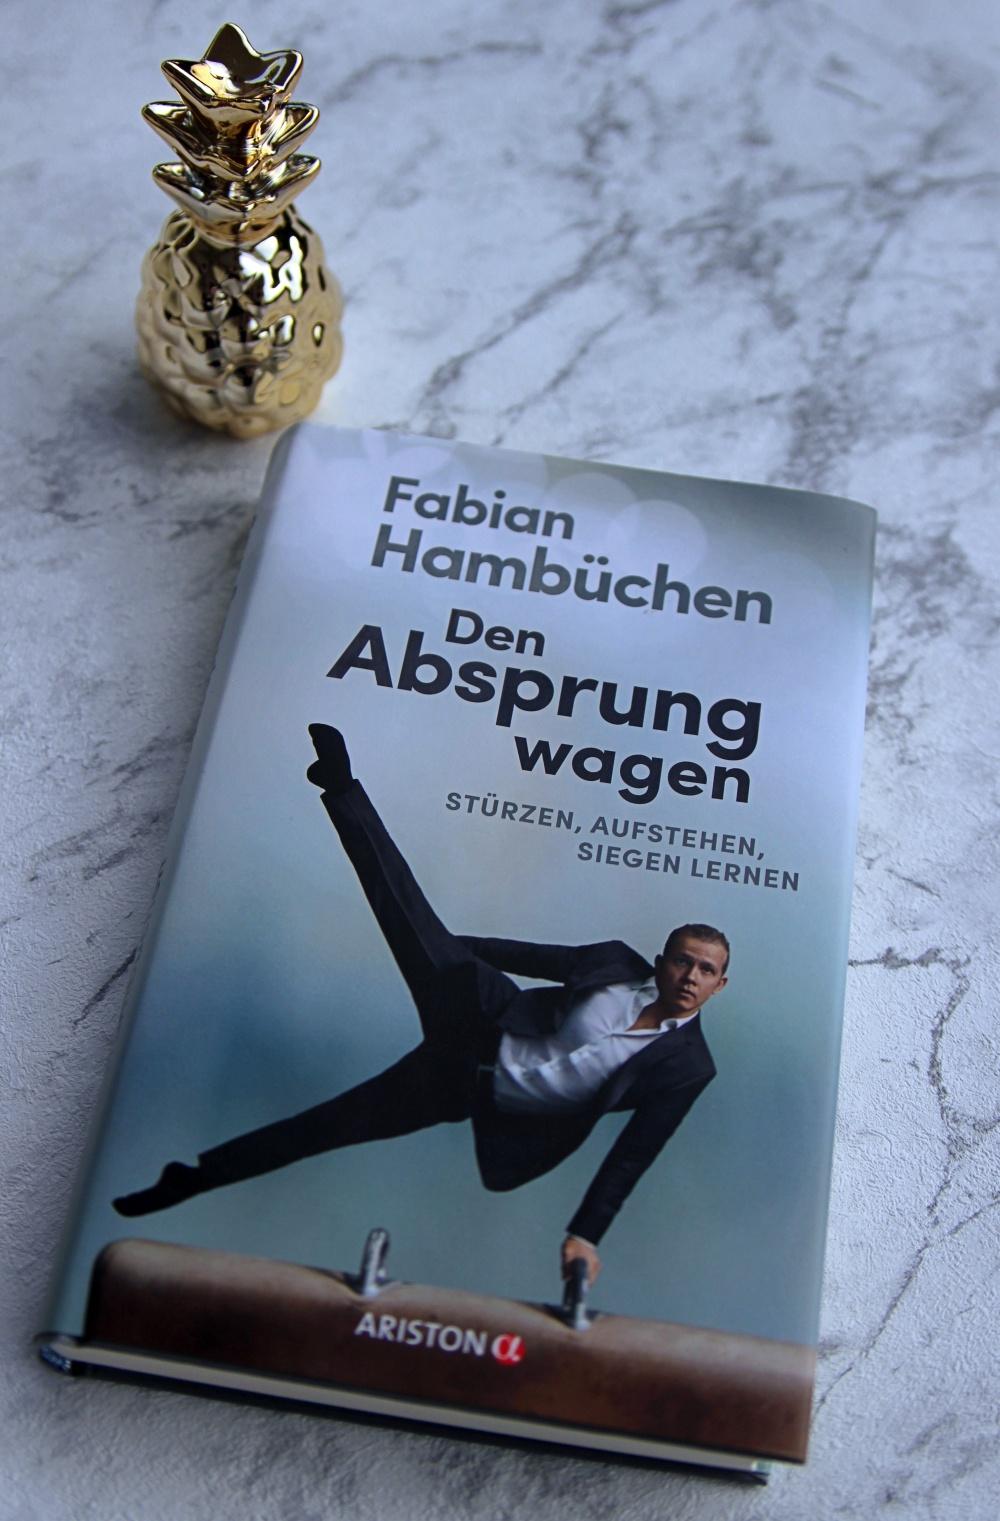 Den Absprung wagen von Fabian Hambüchen